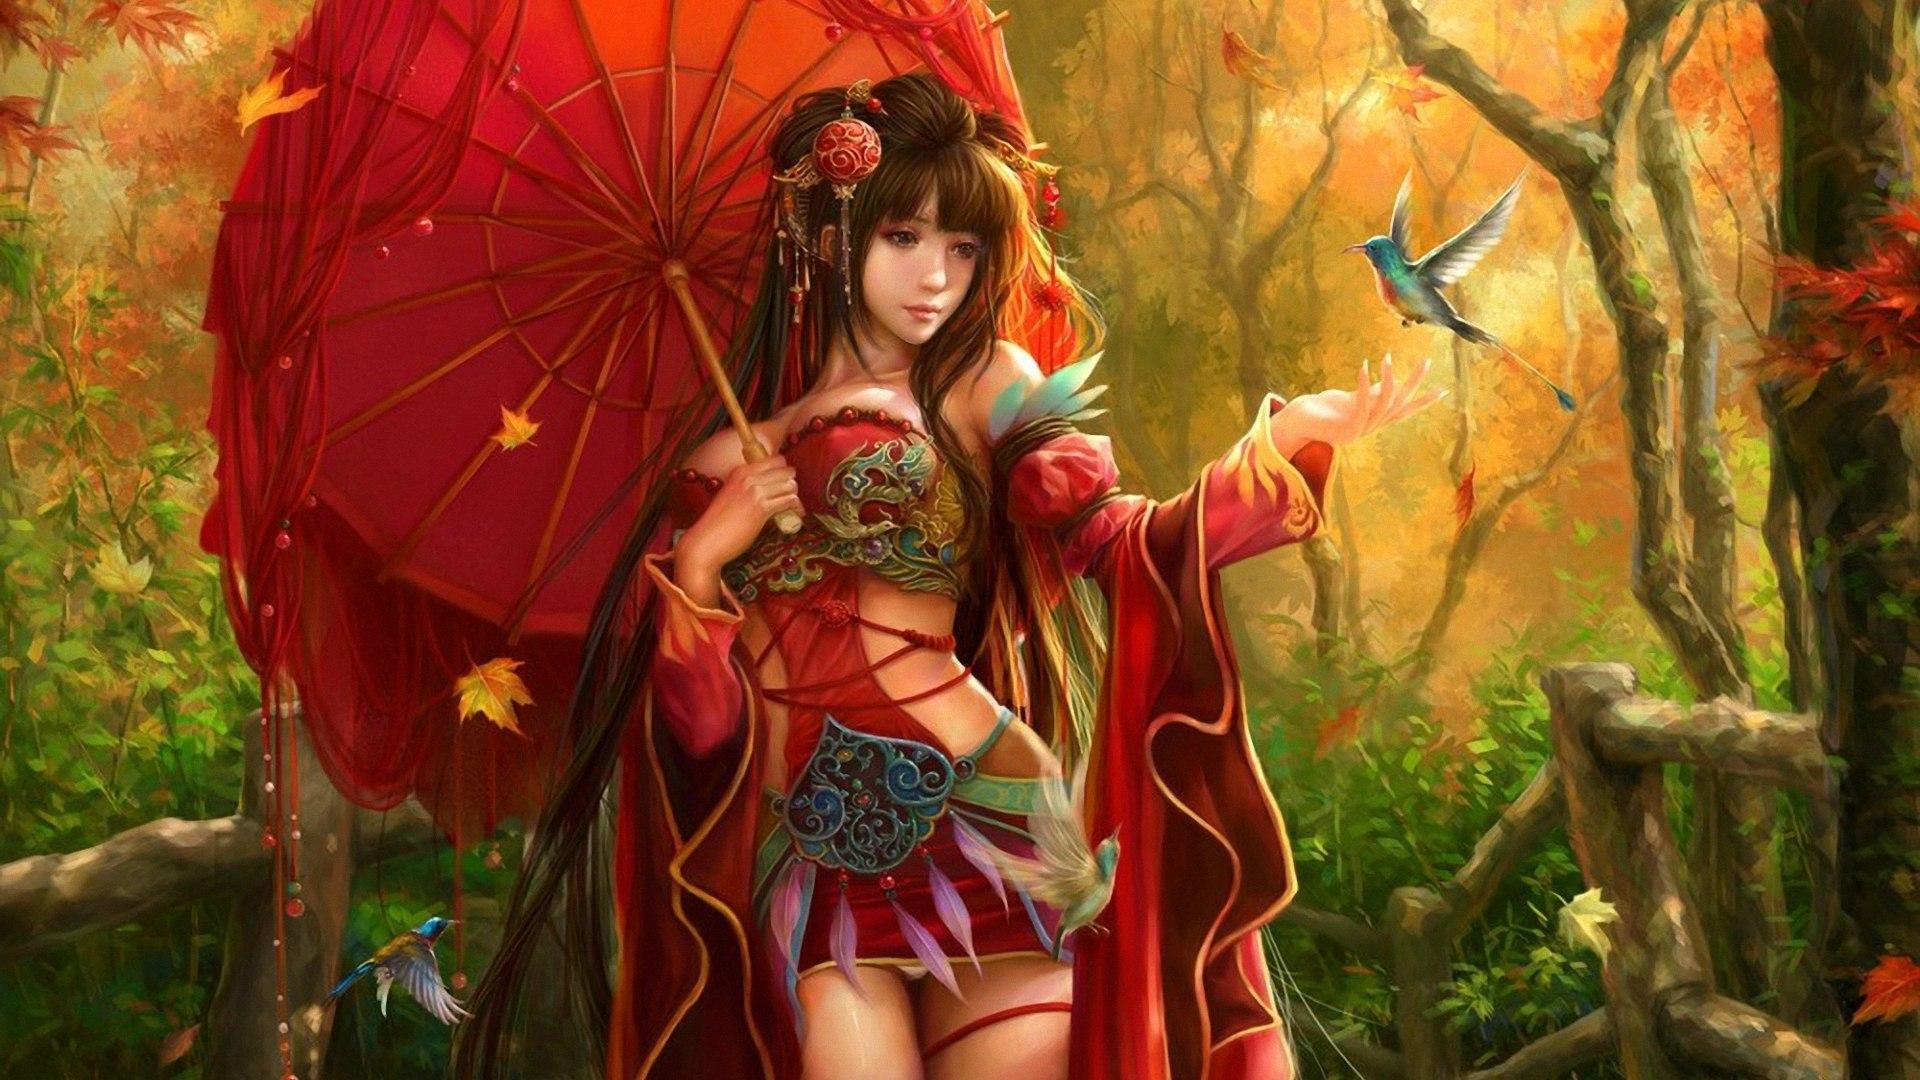 Beautiful garden wallpaper - Asian Wallpapers For Desktop Wallpapersafari